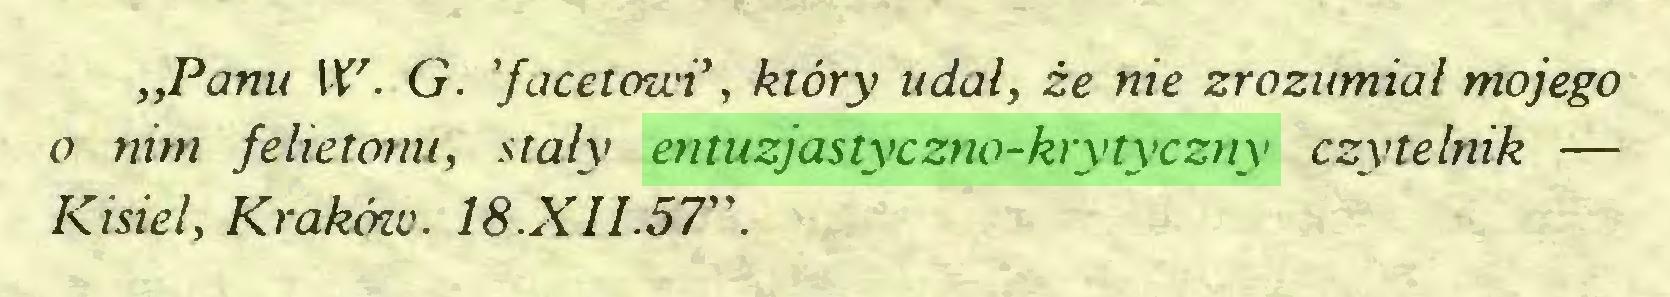 """(...) """"Panu W. G. 'facetowi*, który udał, że nie zrozumiał mojego o nim felietonu, stały entuzjastyczno-krytyczny czytelnik — Kisiel, Kraków. 18.XII.57""""..."""